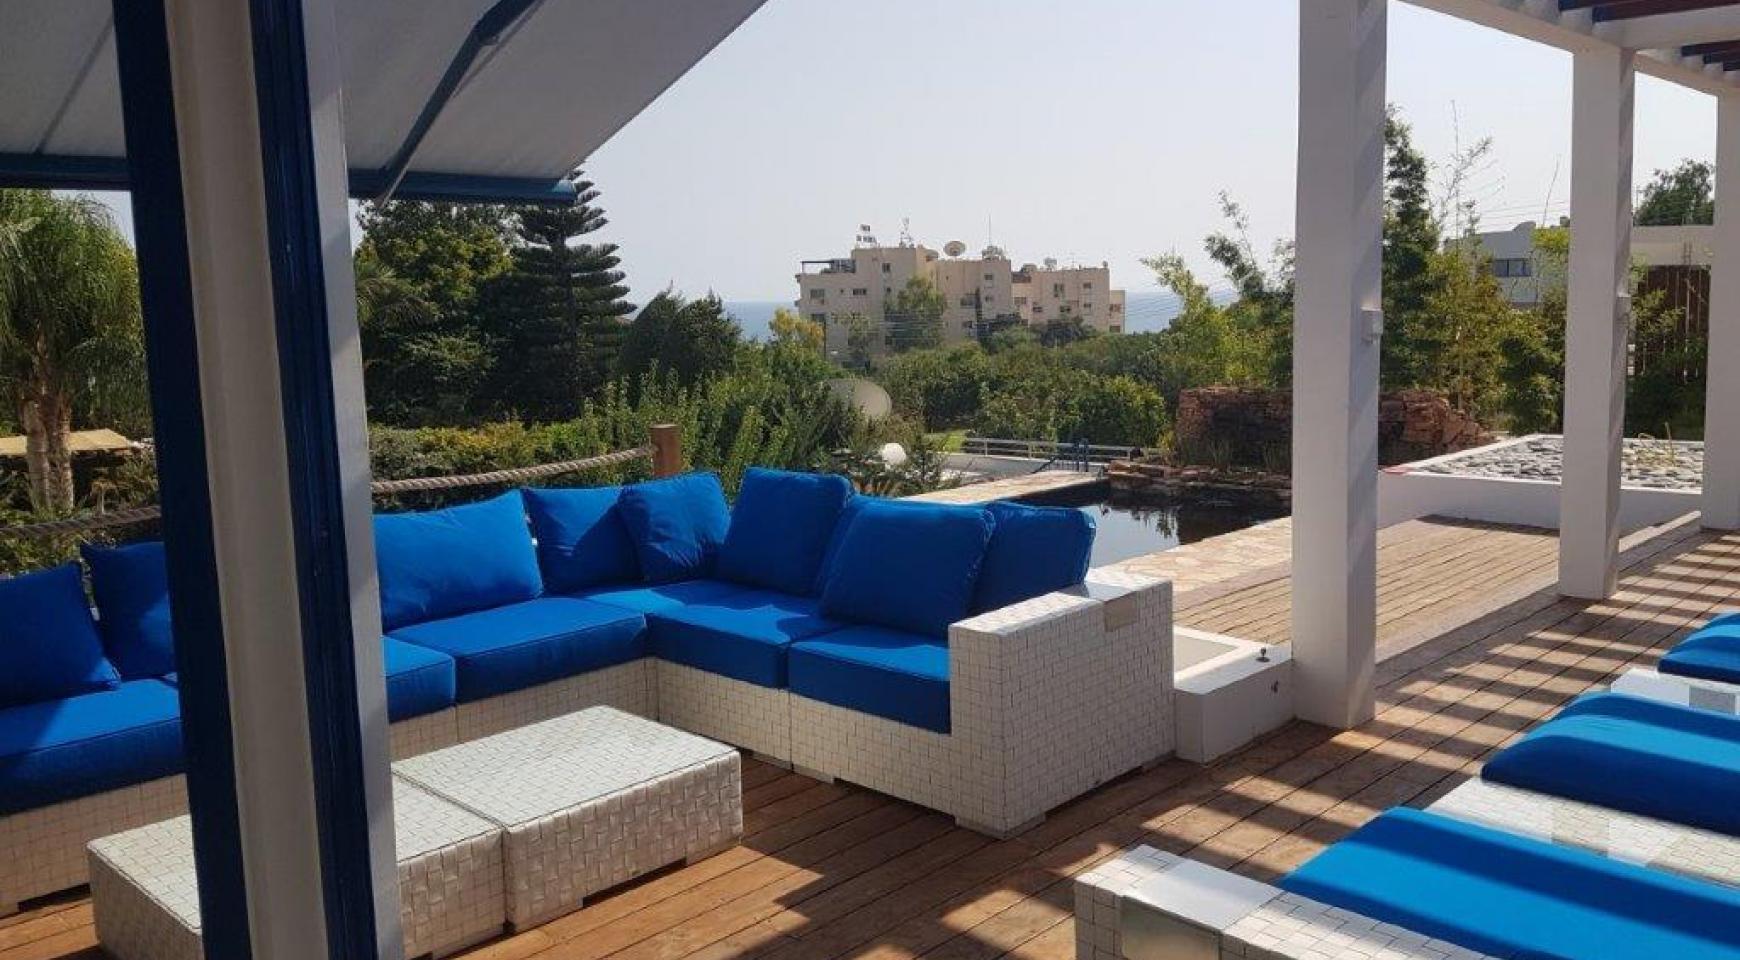 5 Bedroom Villa with Sea Views in Agios Tychonas Area - 5